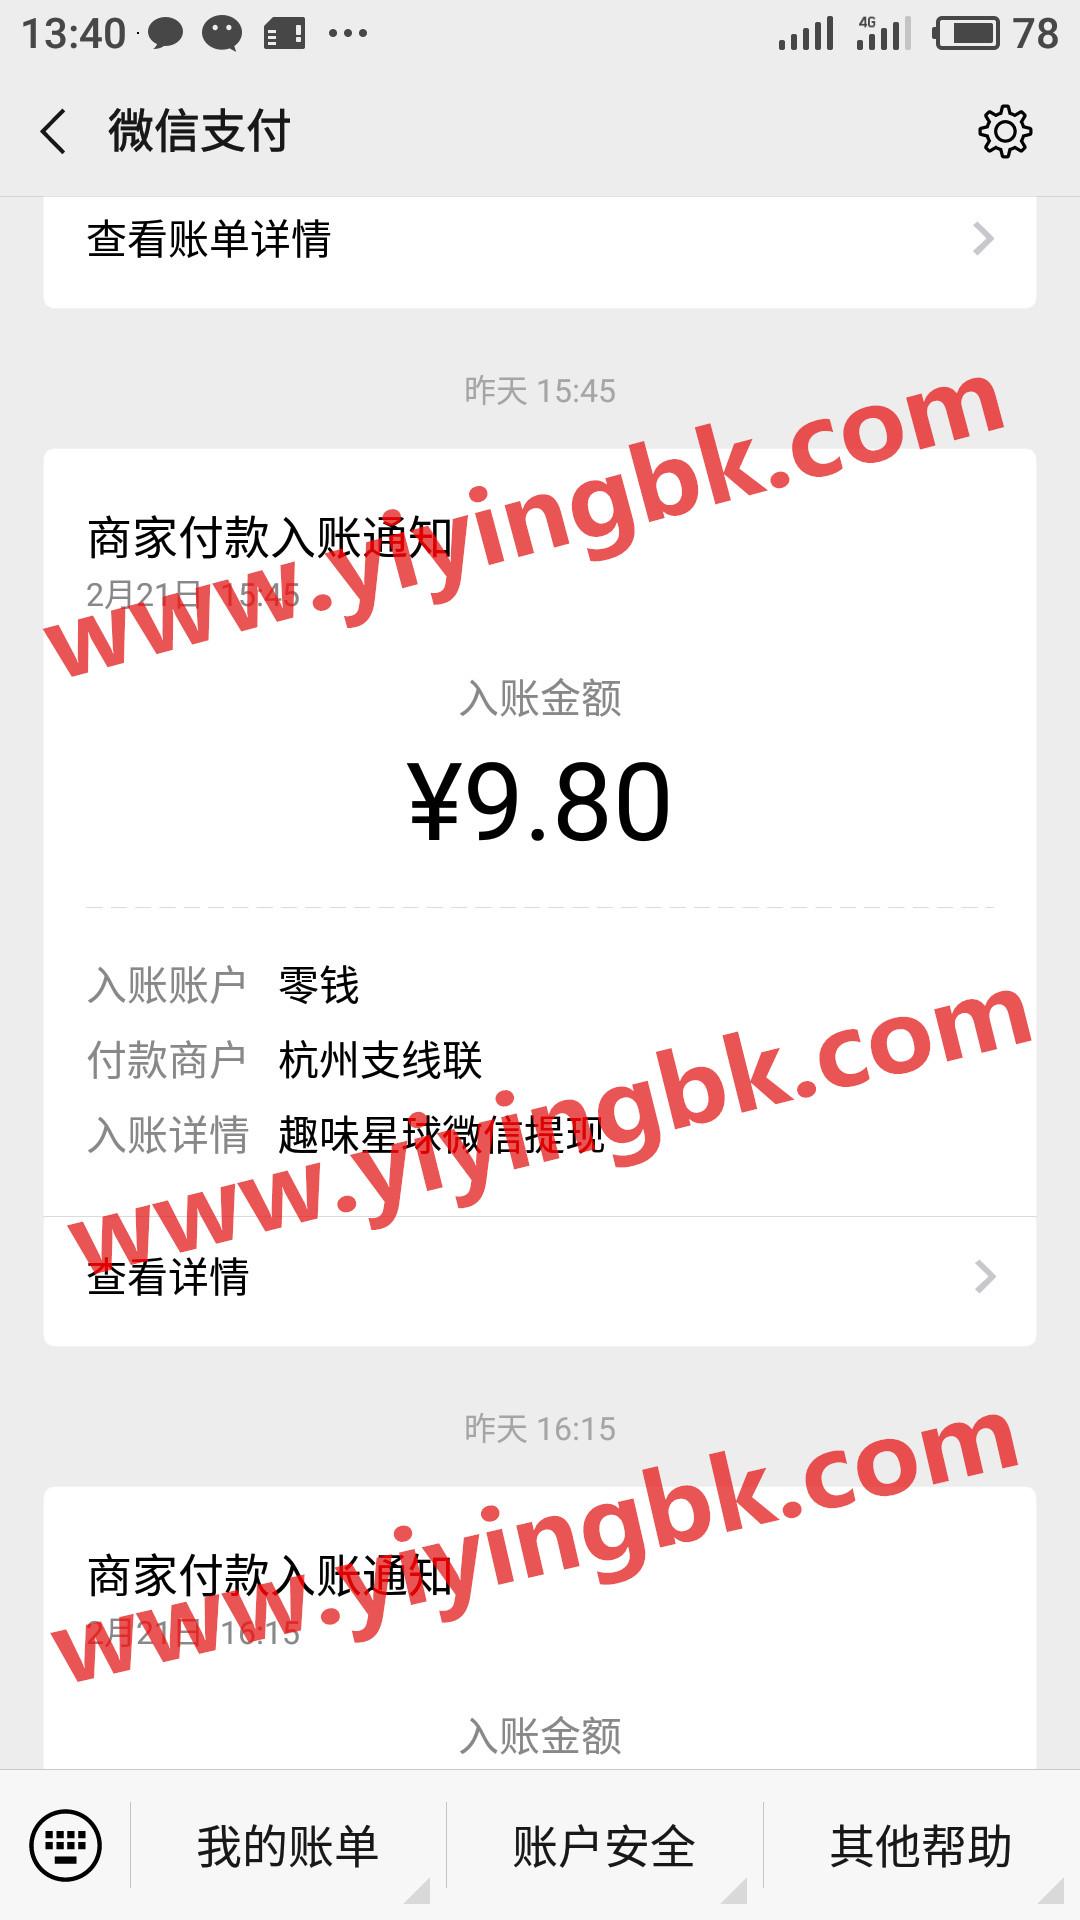 玩手机游戏赚钱,微信提现9.8元到账。www.yiyingbk.com